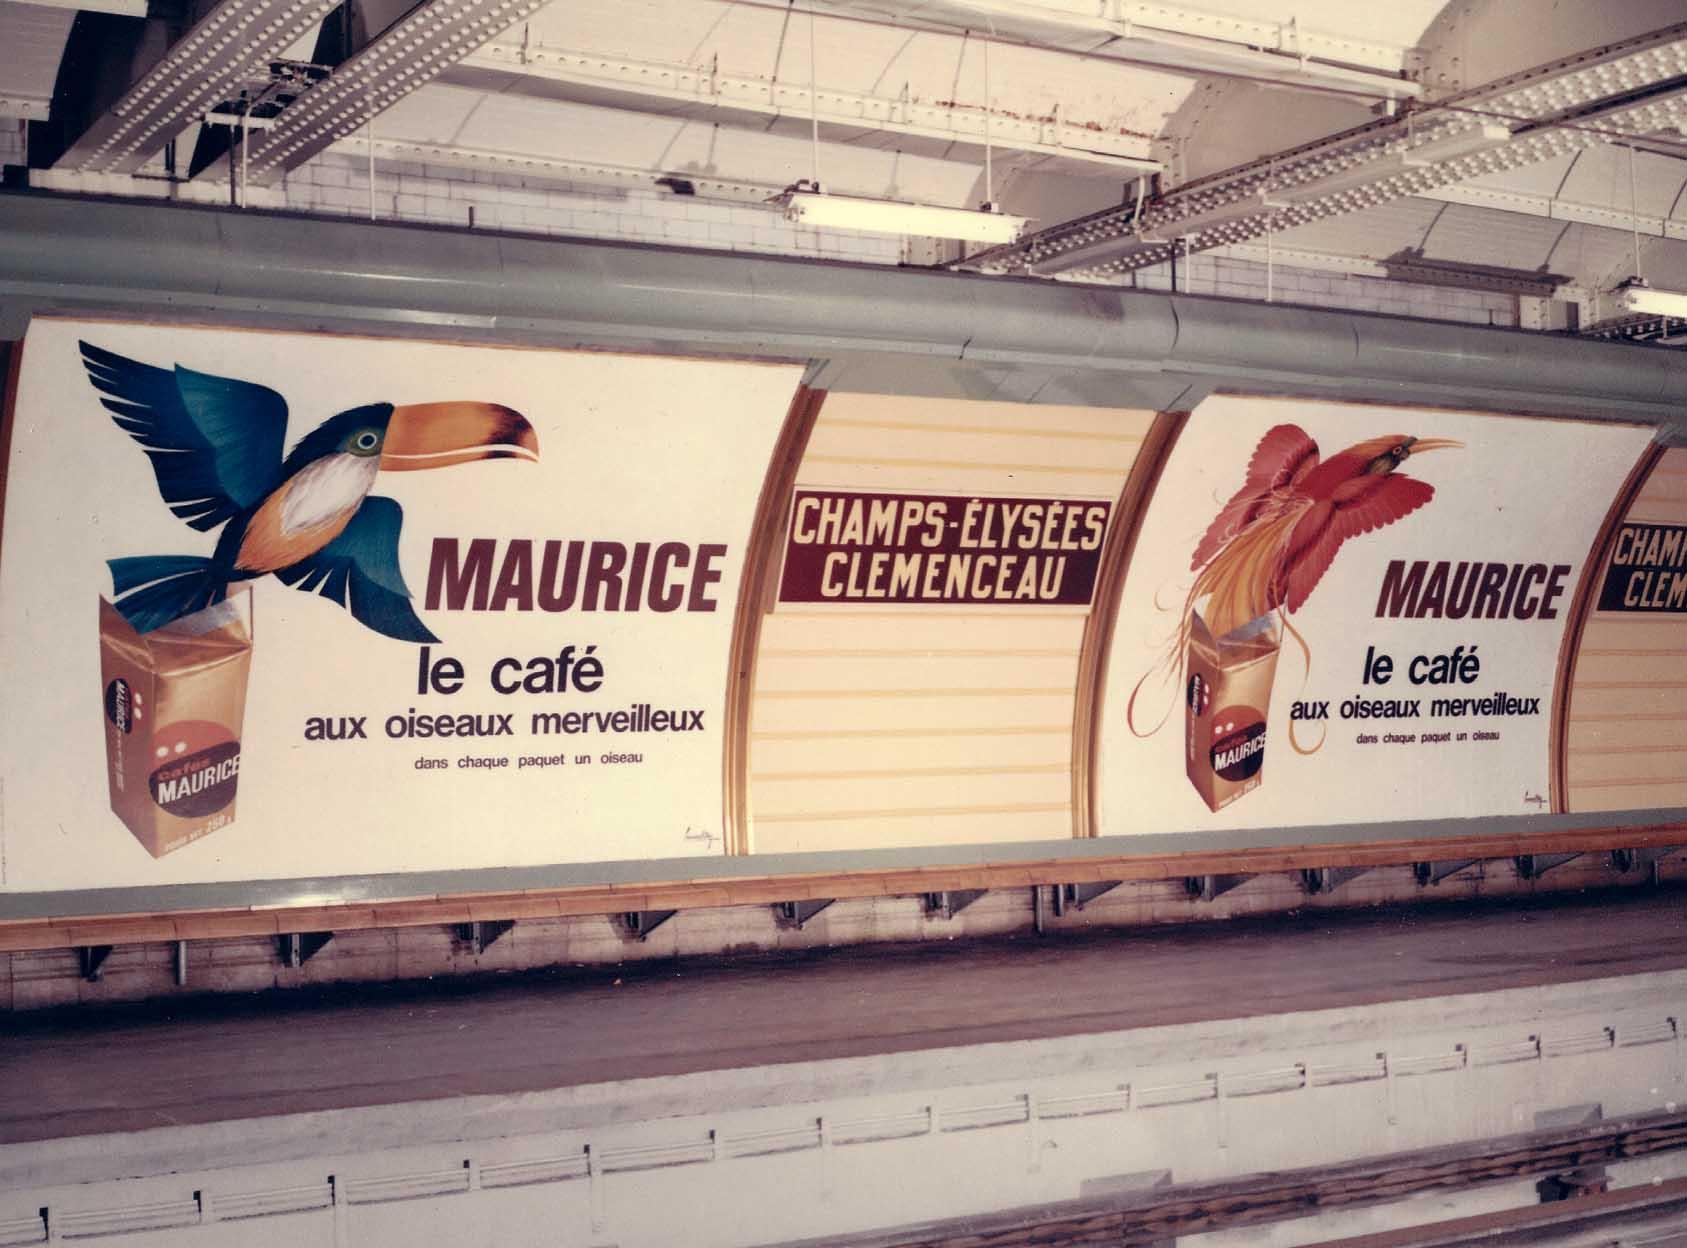 publicité station métro Champs Elysées